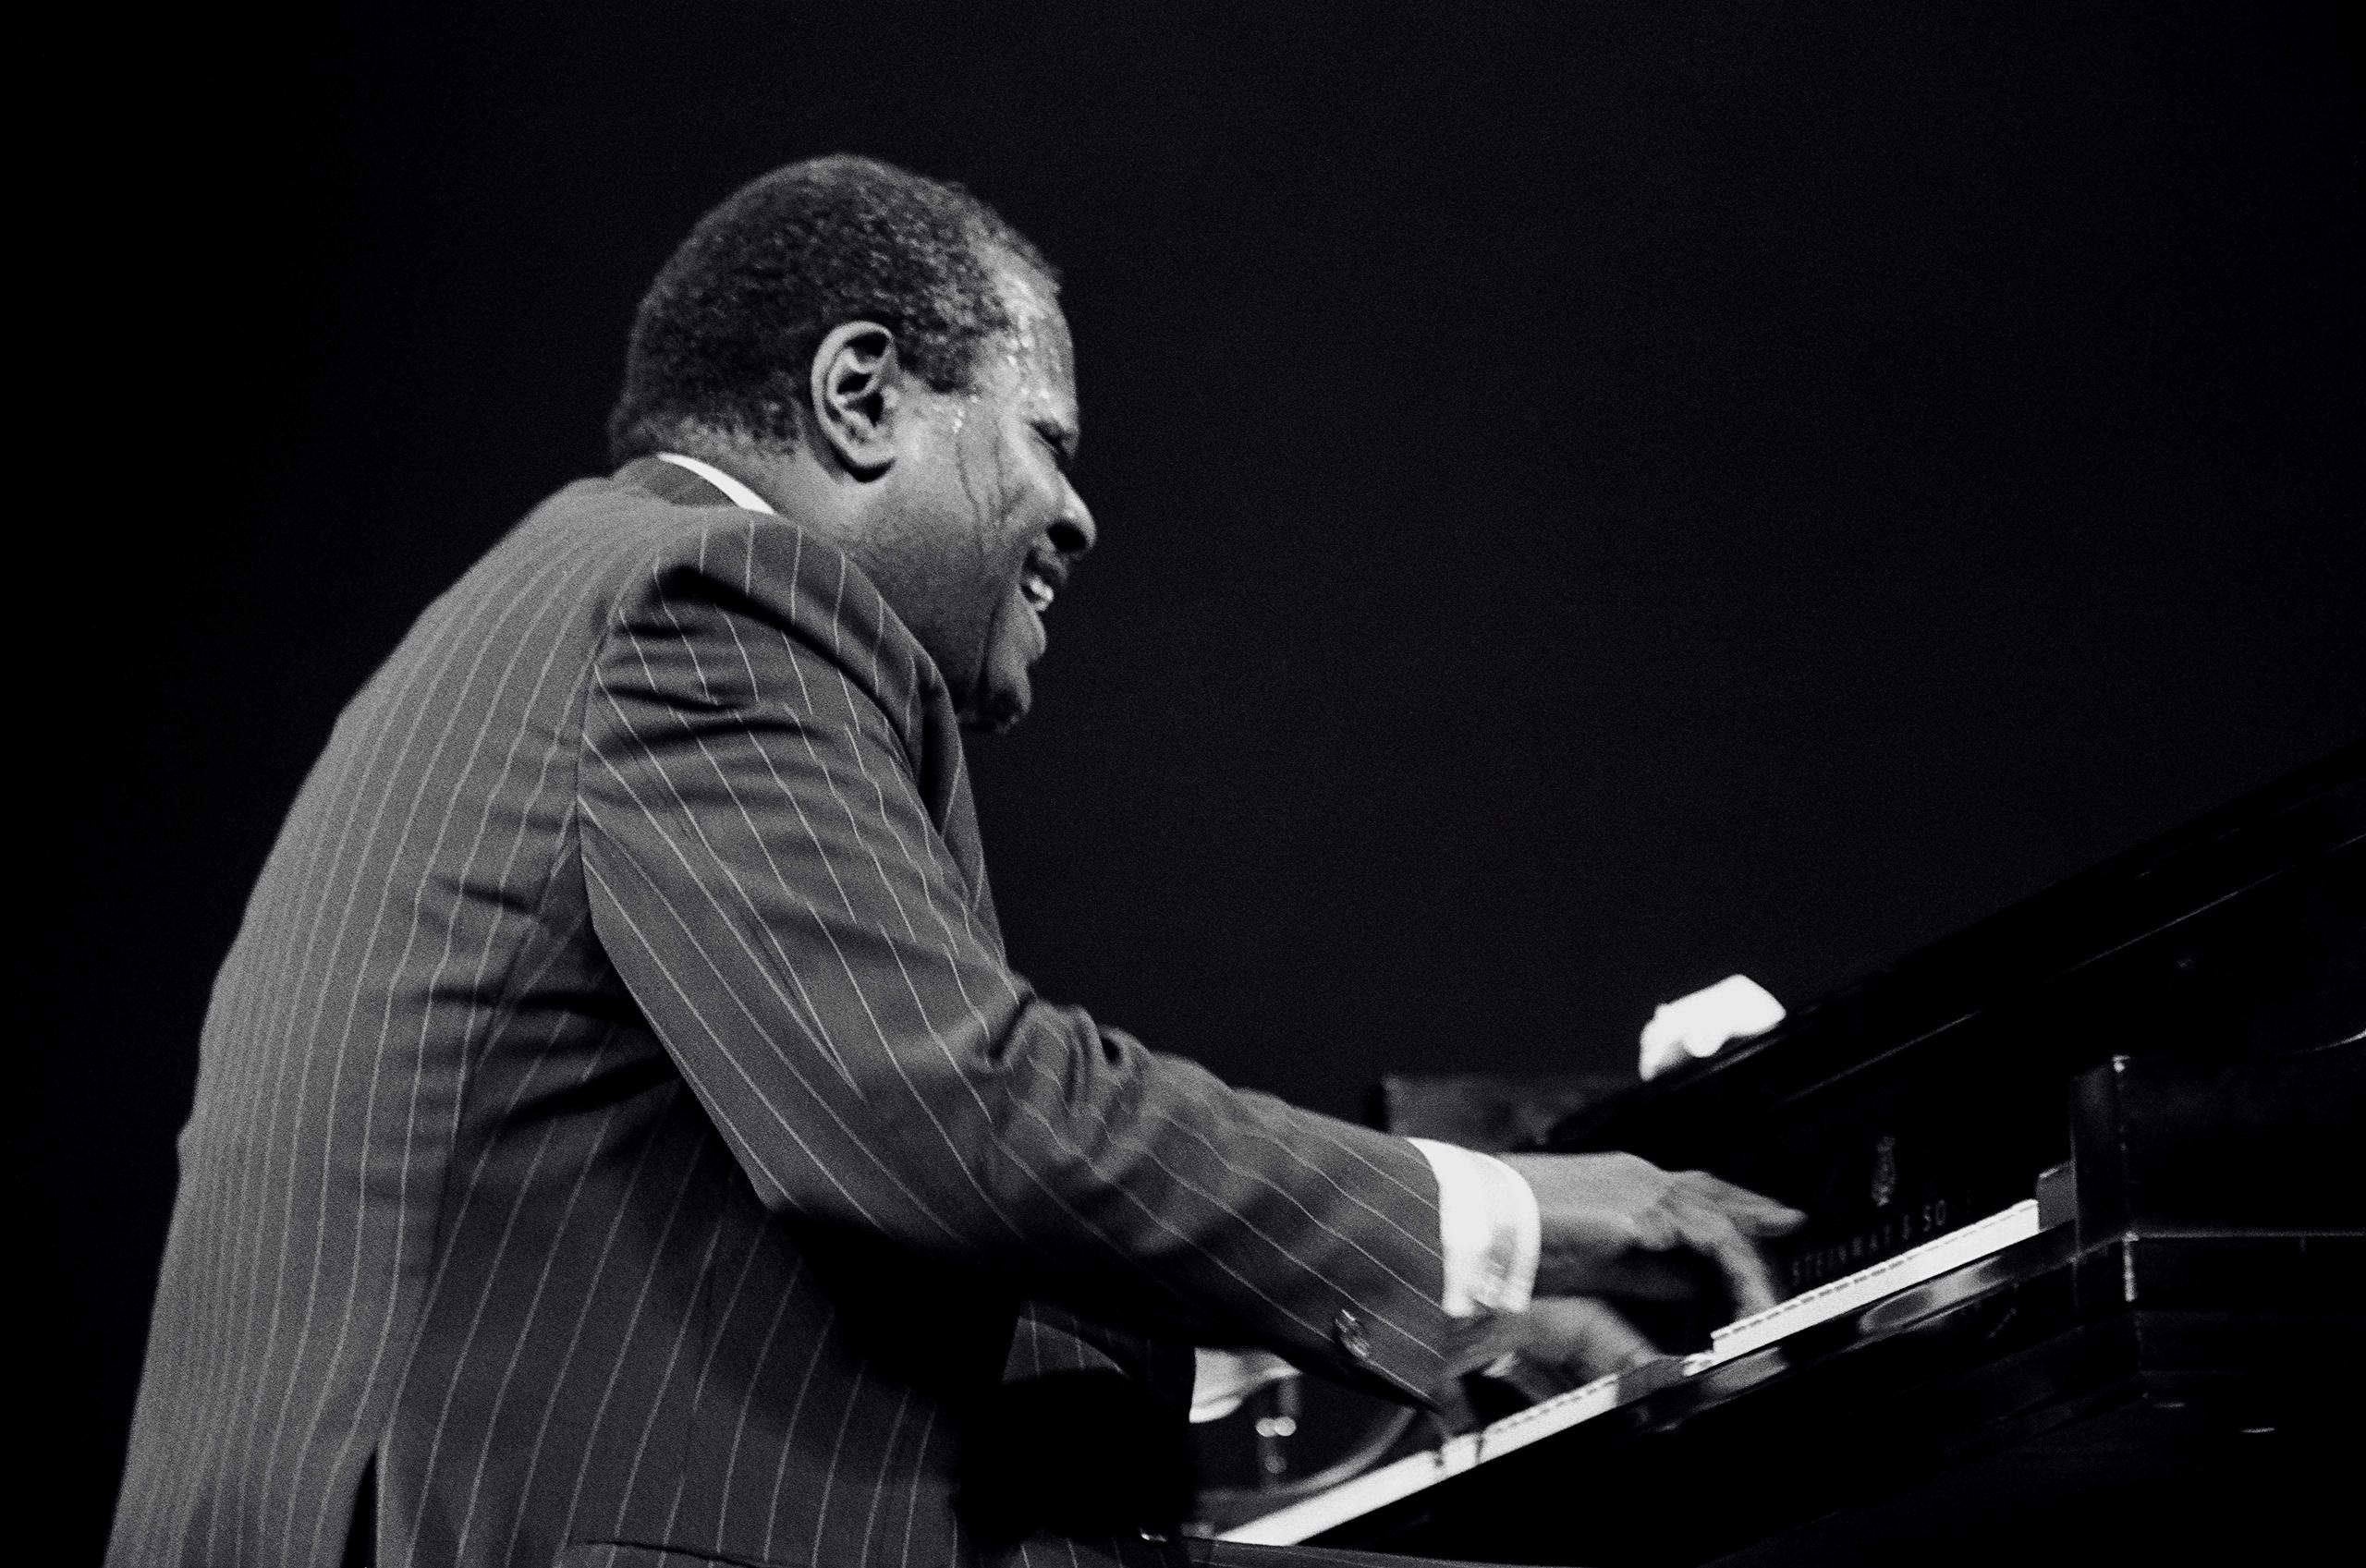 壁紙 男性 Oscar Peterson Piano 黒人 スーツ ダウンロード 写真